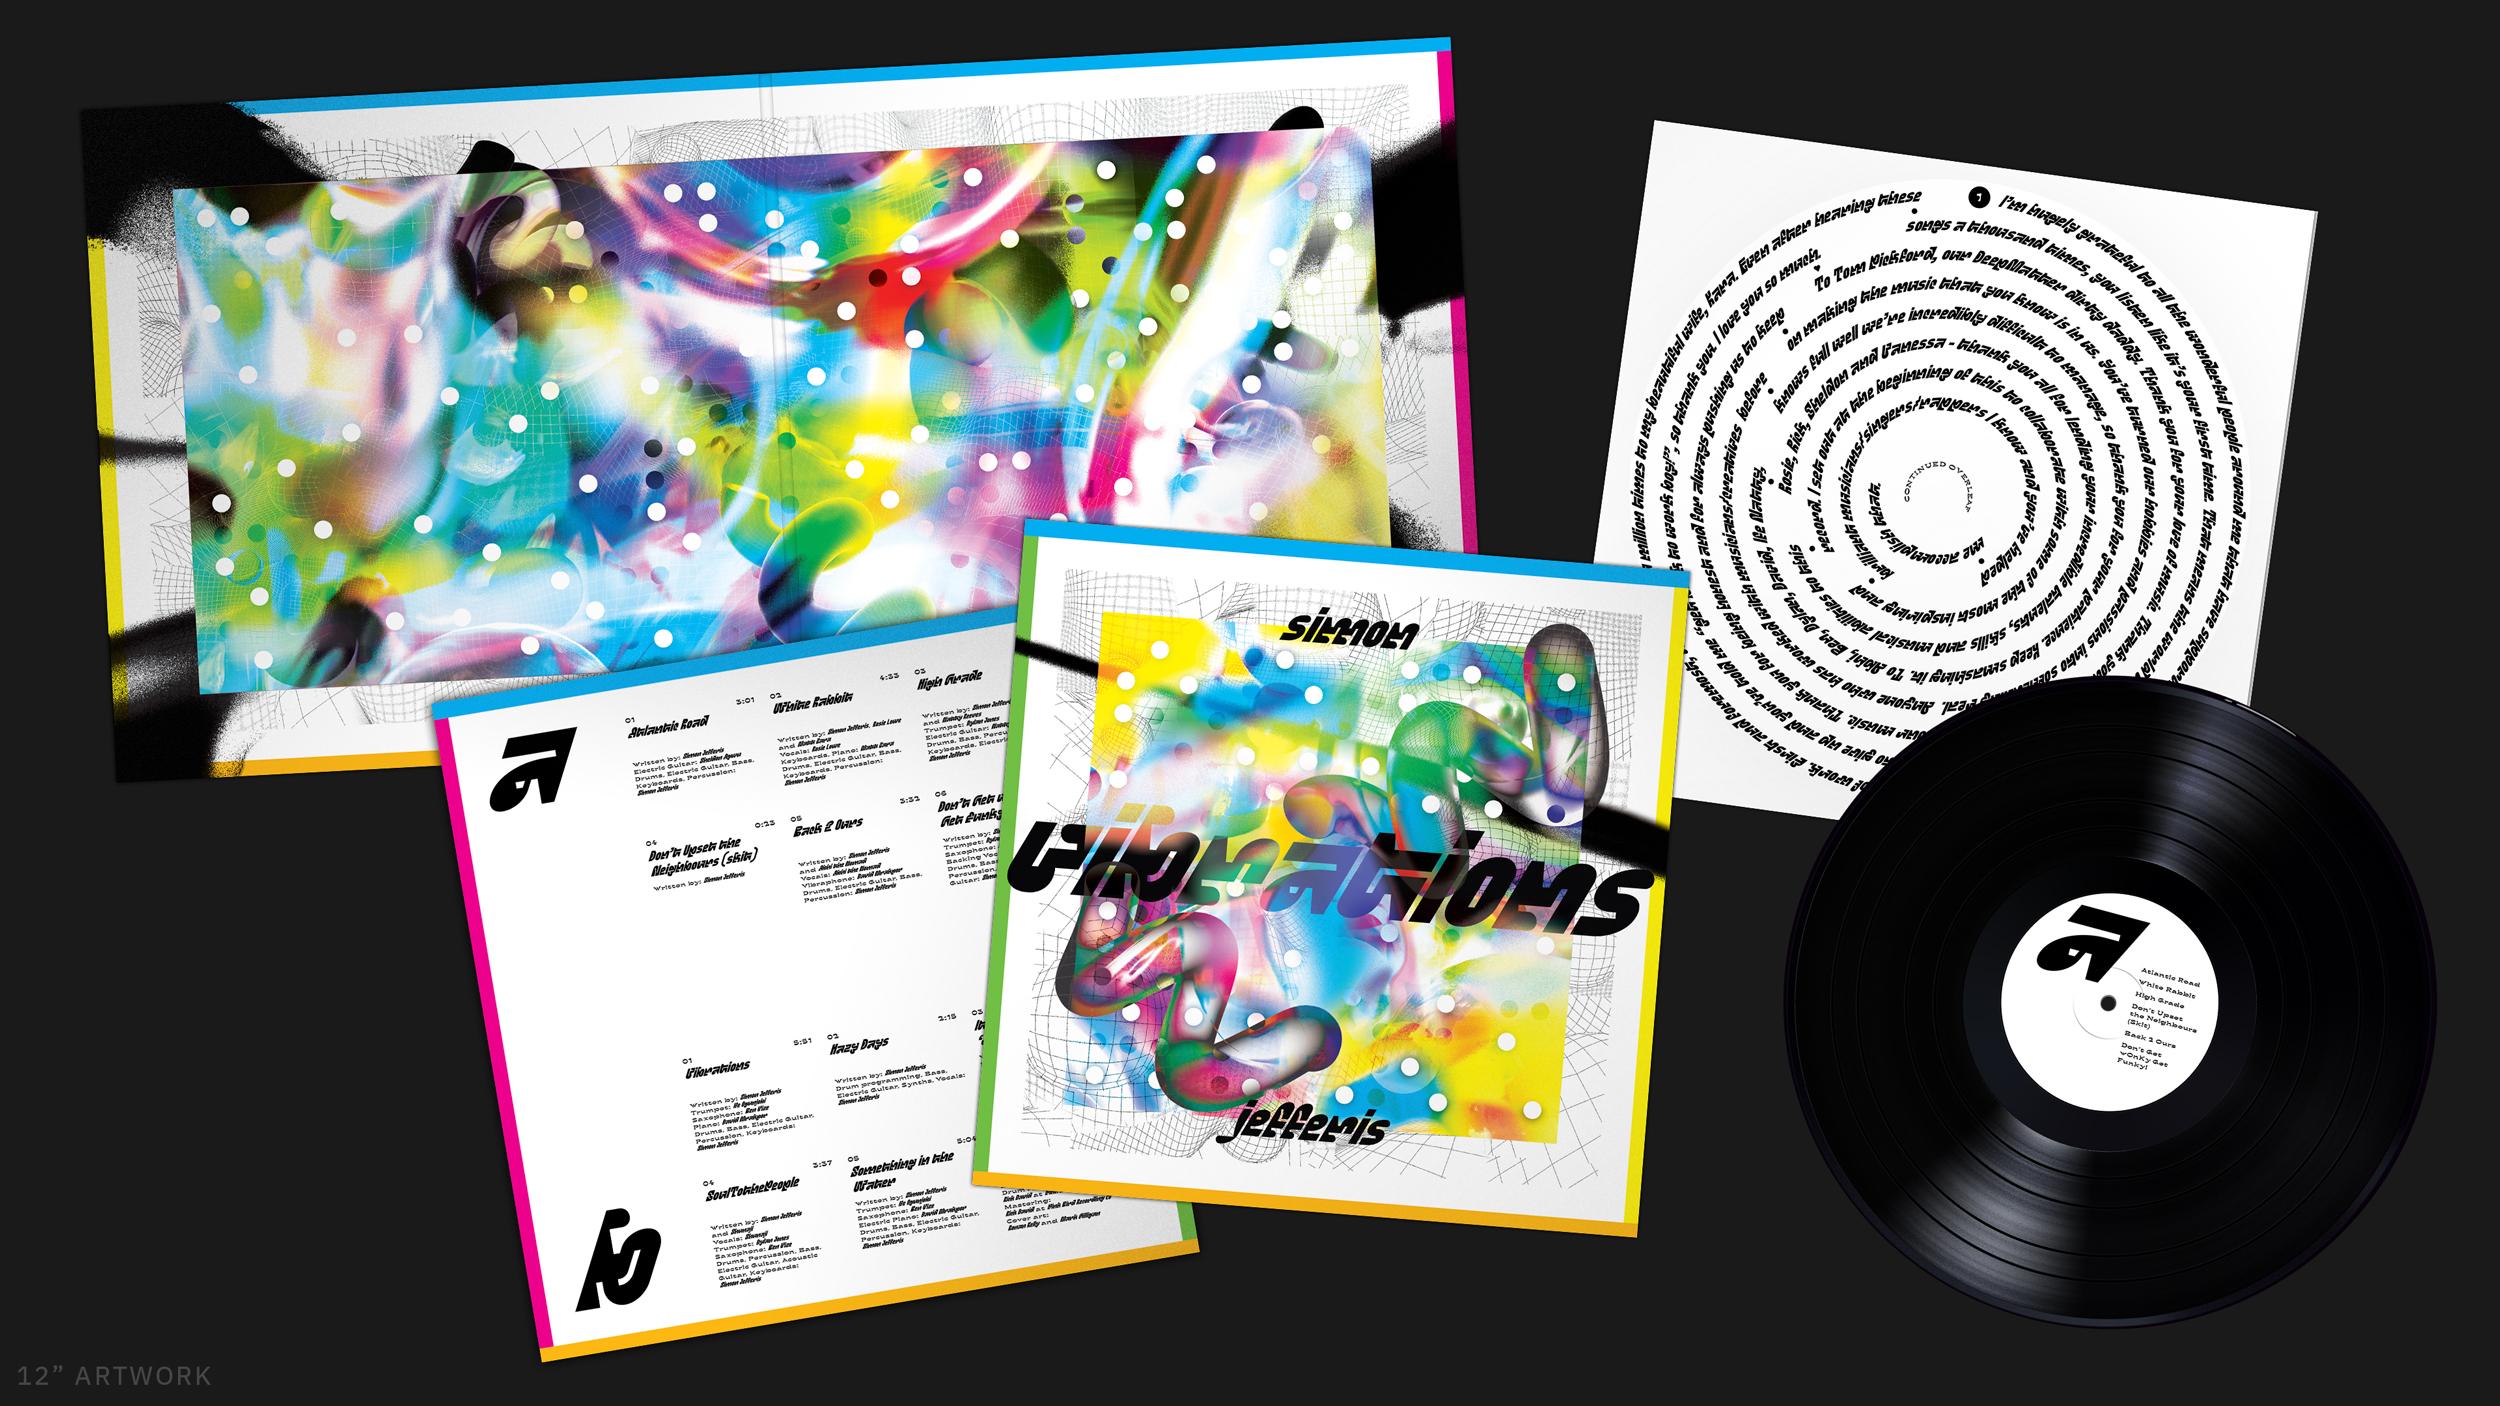 Cover image: 'Vibrations' by Simon Jefferis